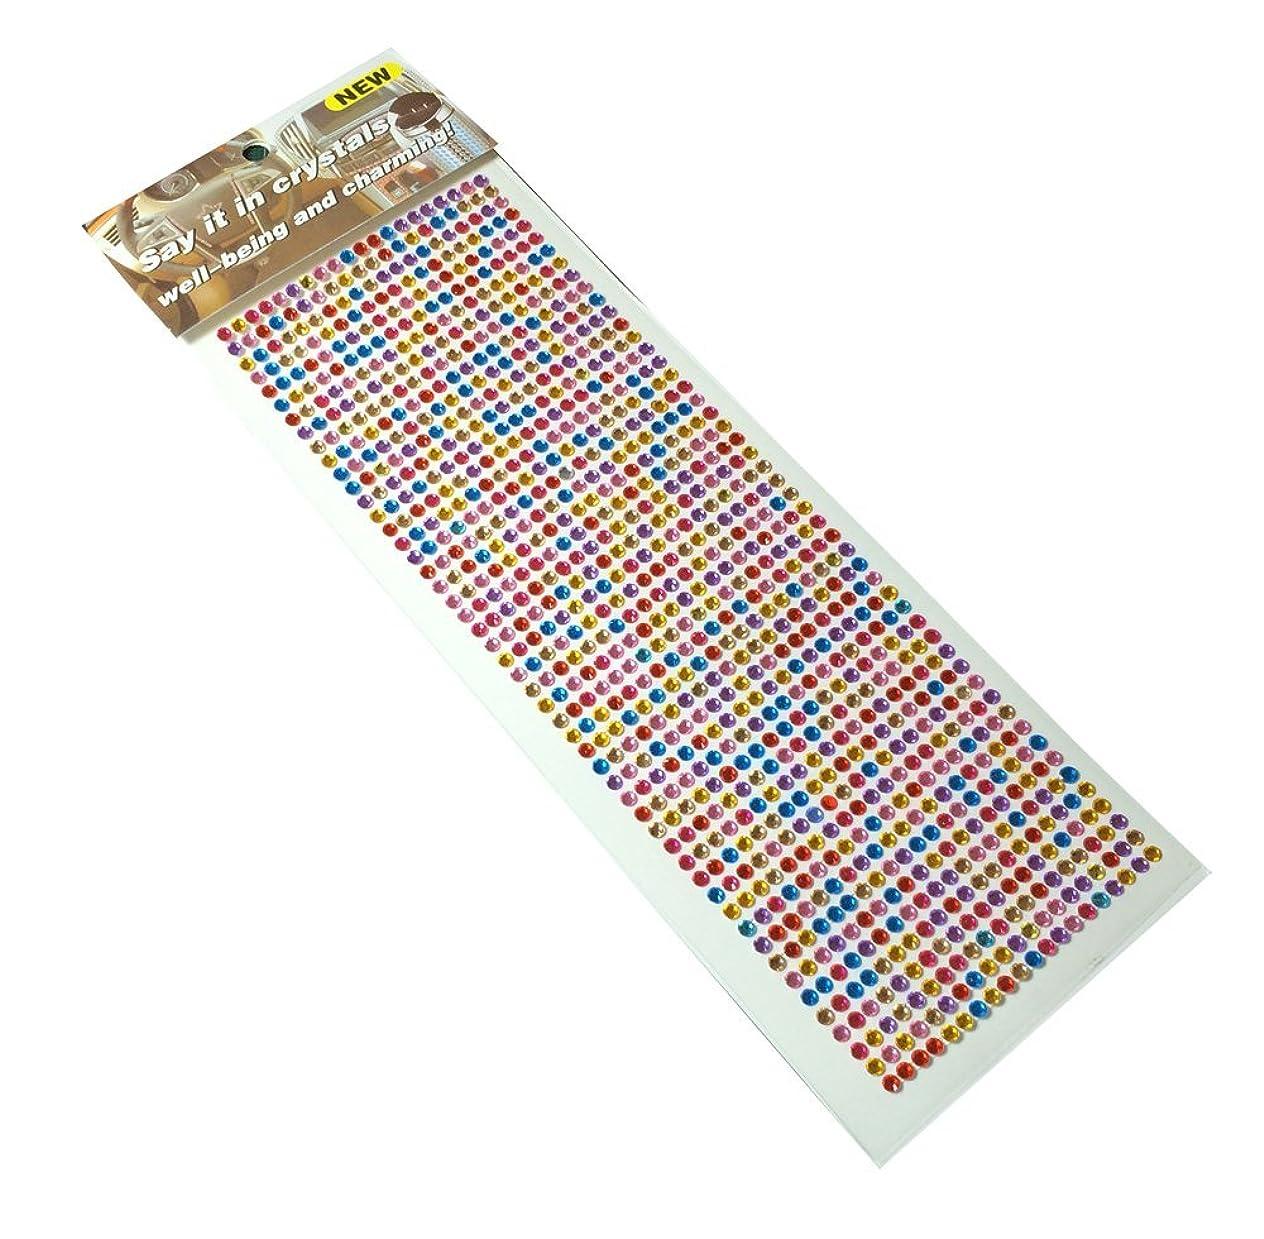 出口レンダー甘いラインダイアモンドのデコレーションステッカー 1000粒 (カラーミックス)